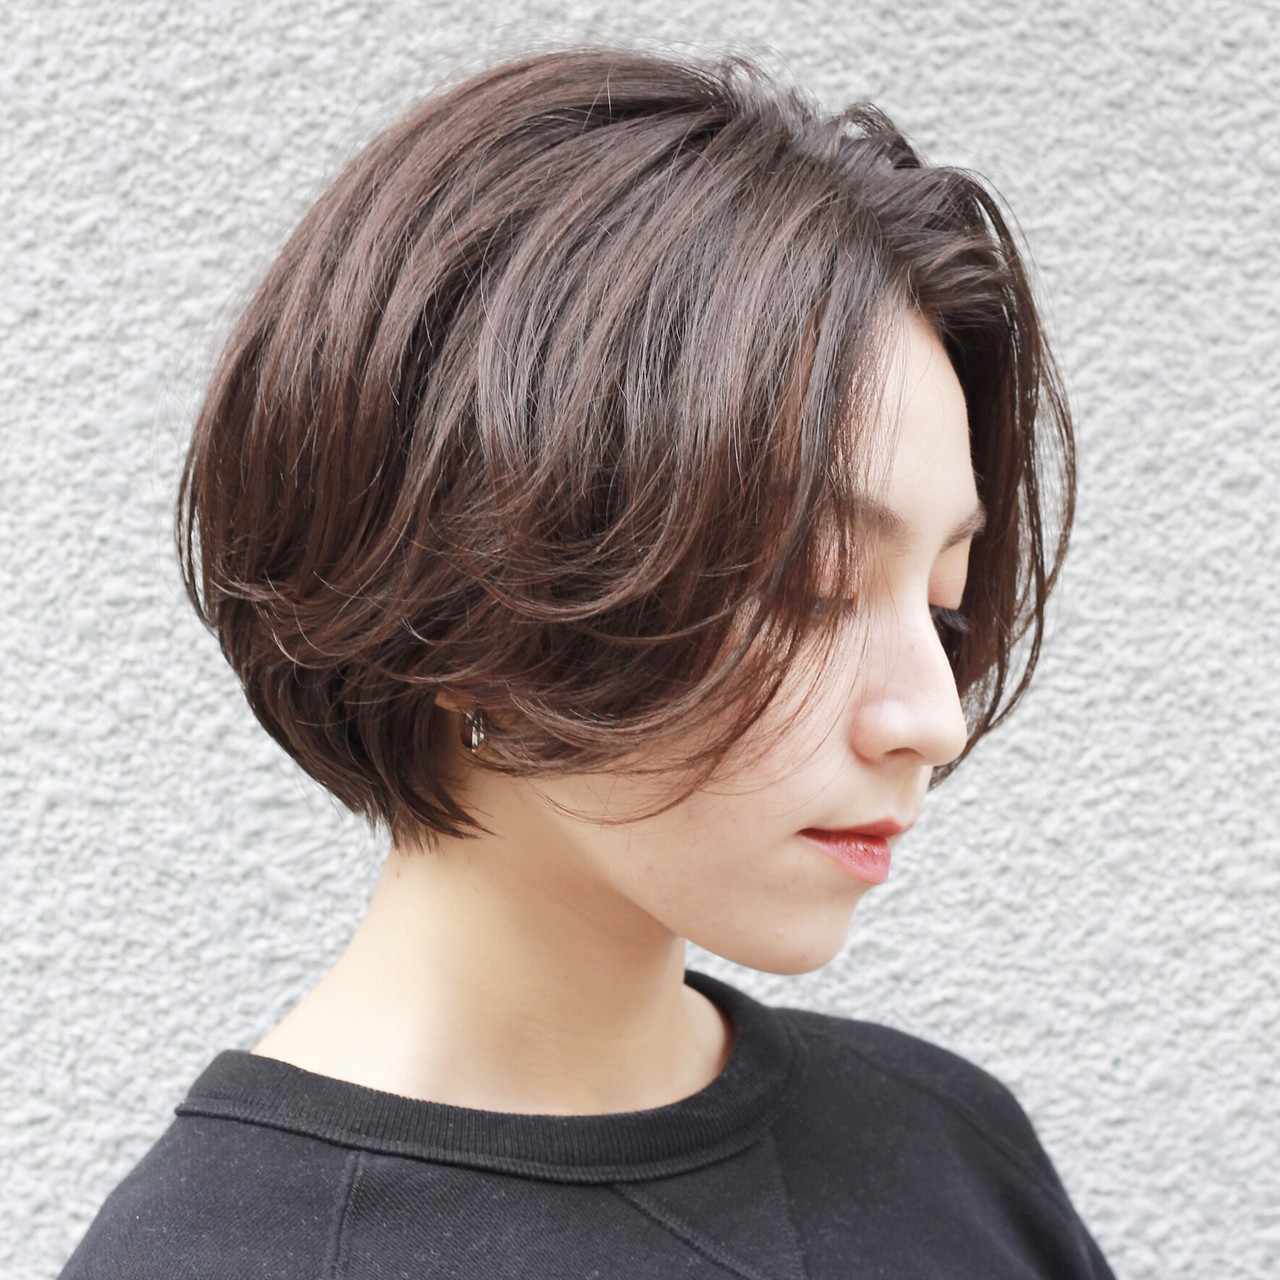 前髪なし派さん必見♡パーマボブの人気オーダーカタログ☆